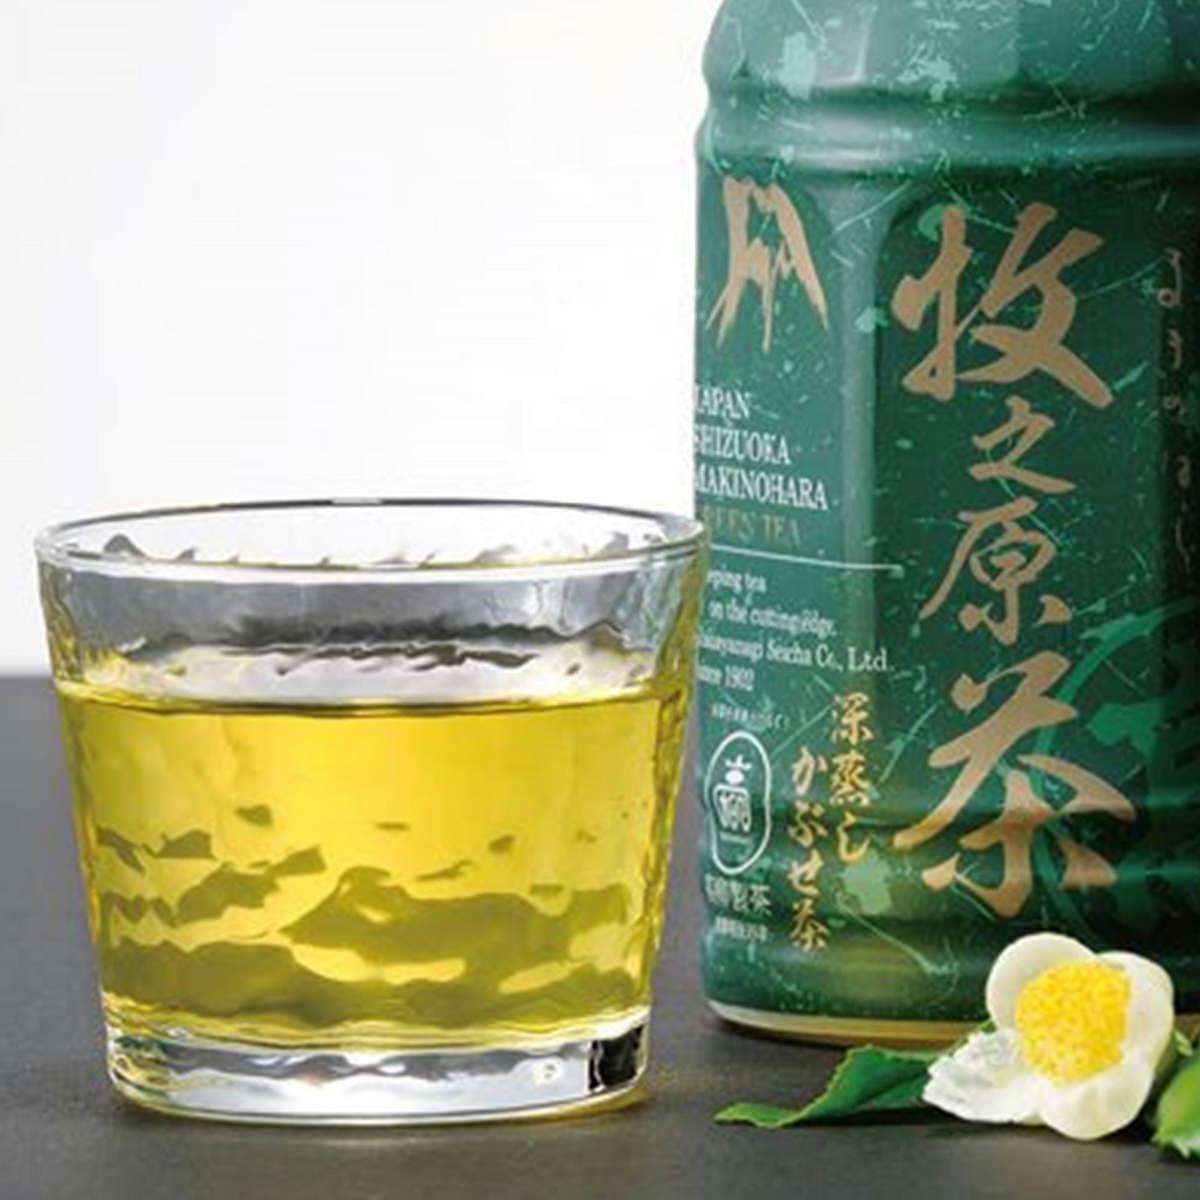 牧之原の雫茶プレミアムペットボトル 〔350ml×24〕 静岡県産 お茶 高柳製茶